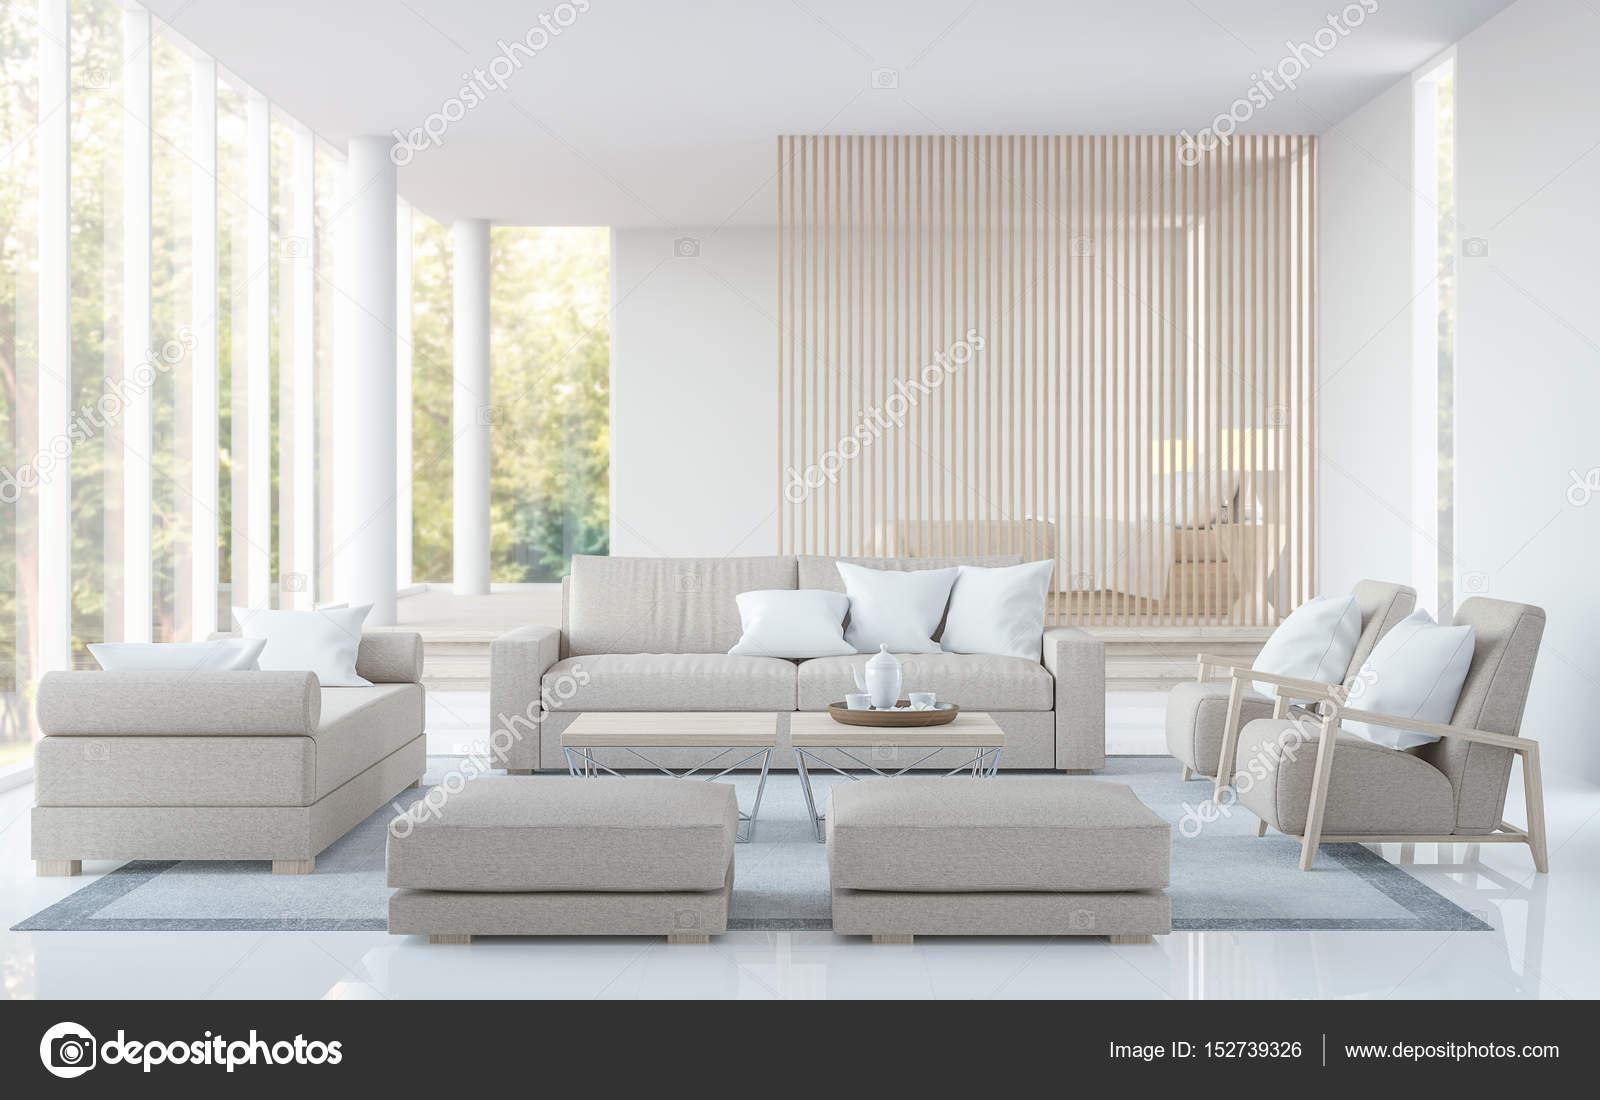 Moderne witte woonkamer en slaapkamer 3d rendering beeld — Stockfoto ...